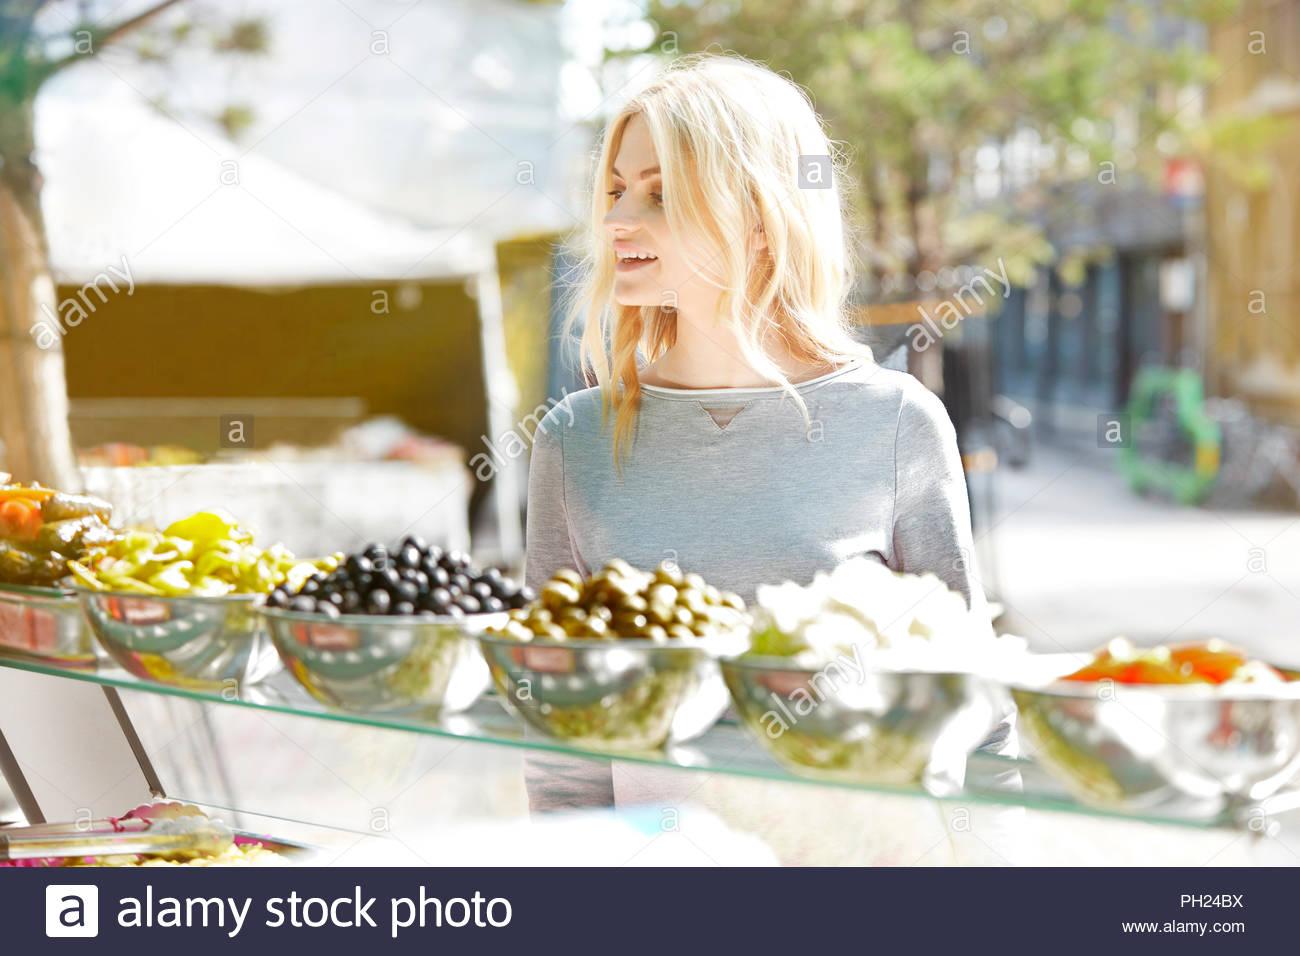 Giovane donna shopping presso snack stand. Immagini Stock